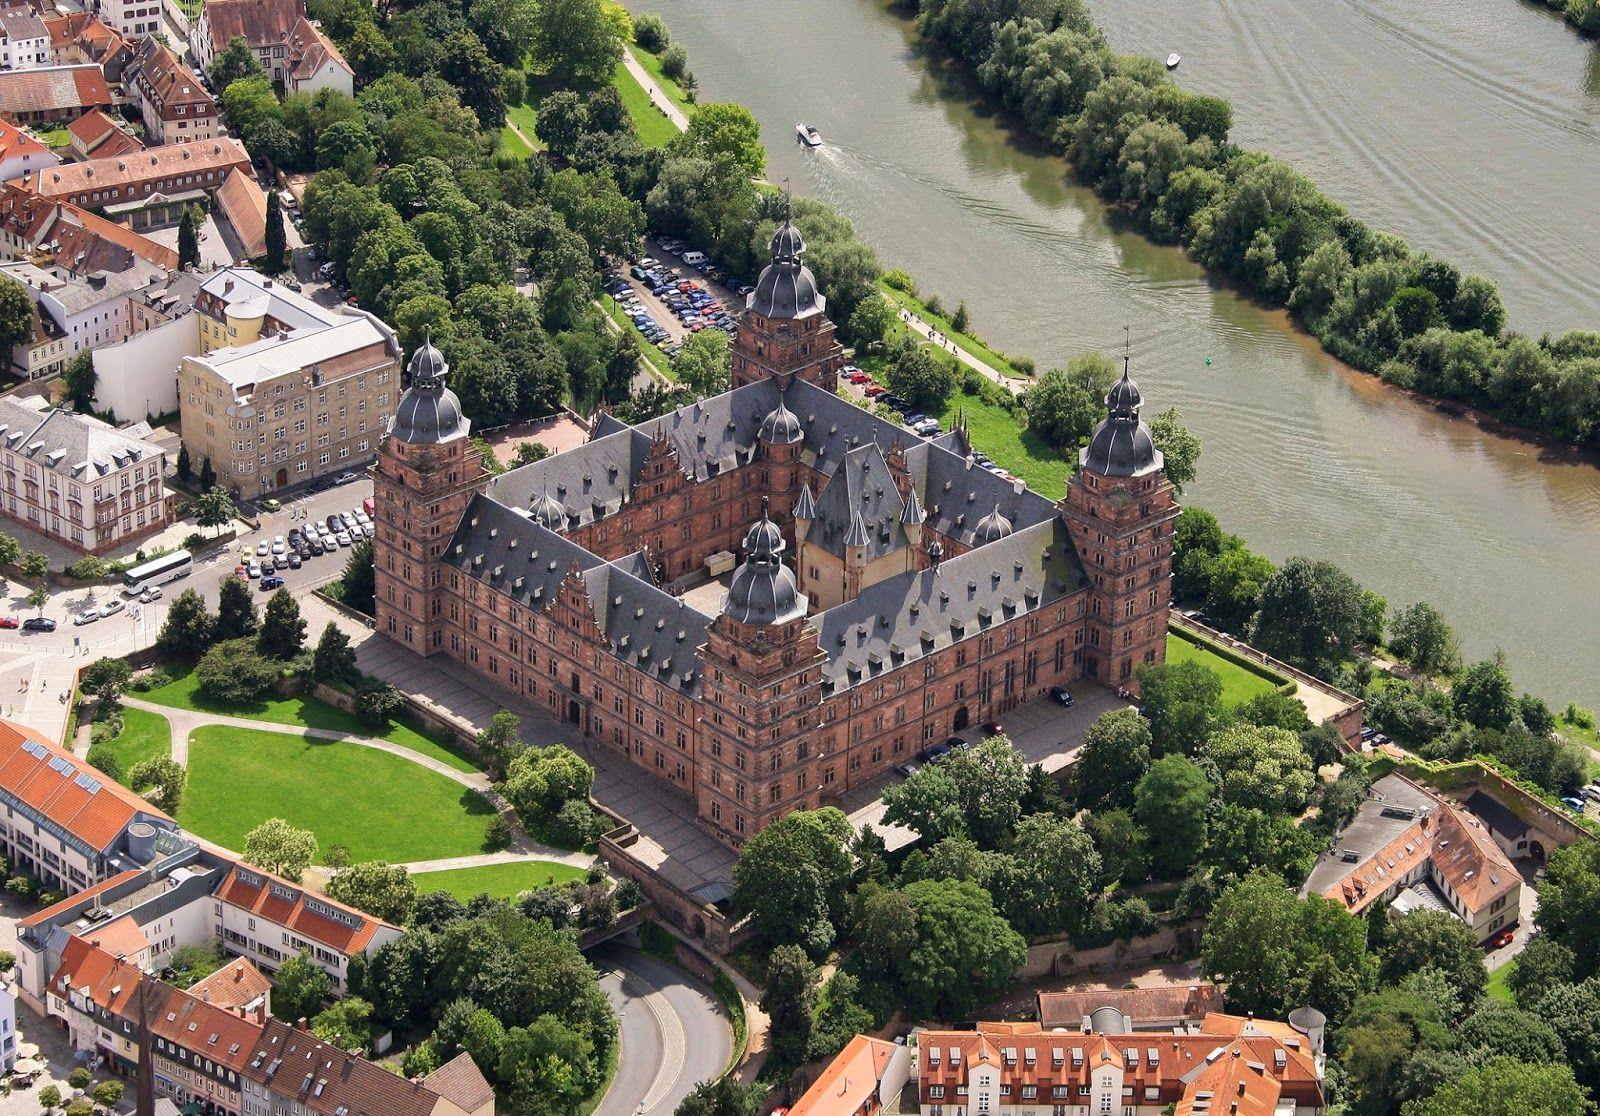 Schloss Johannisburg is a schloss in the town of Aschaffenburg, Germany.